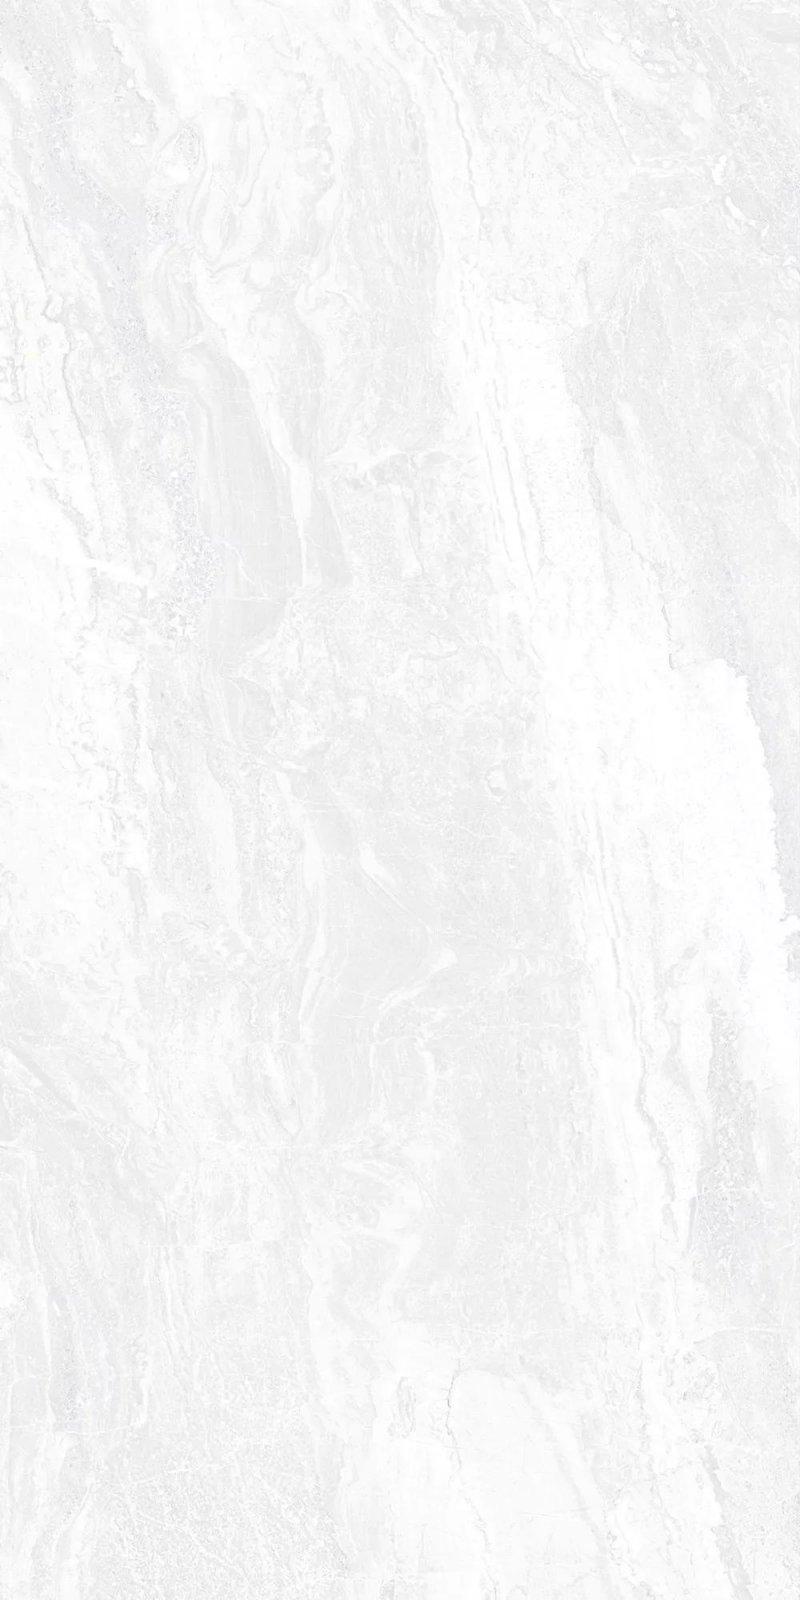 大将军陶瓷星际系列图片 现代简约风格装修效果图_5